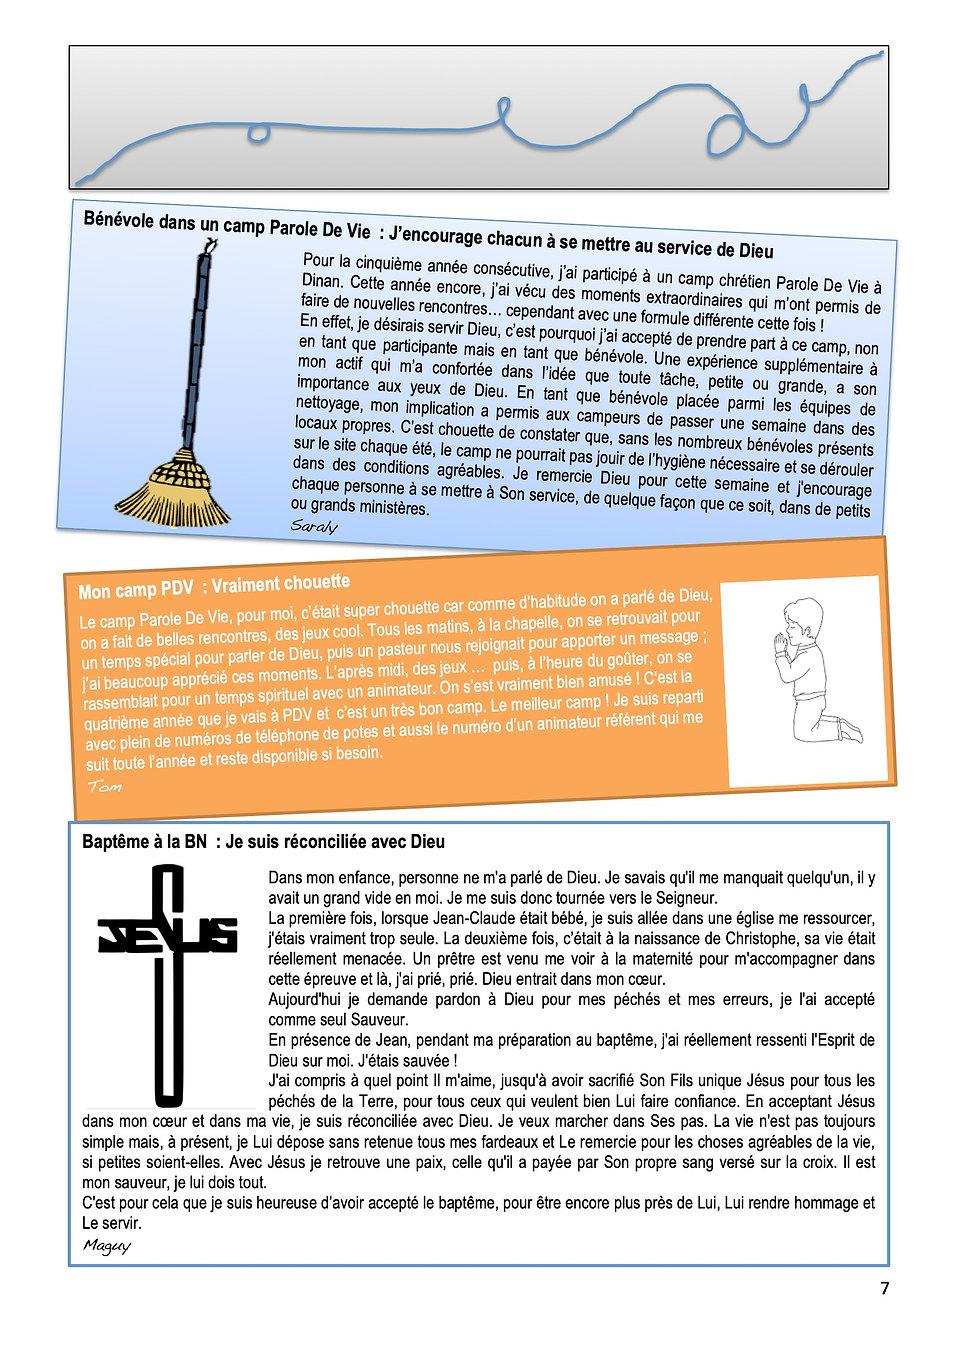 P'tit BN 30-50 pour le site-page7-7.jpeg